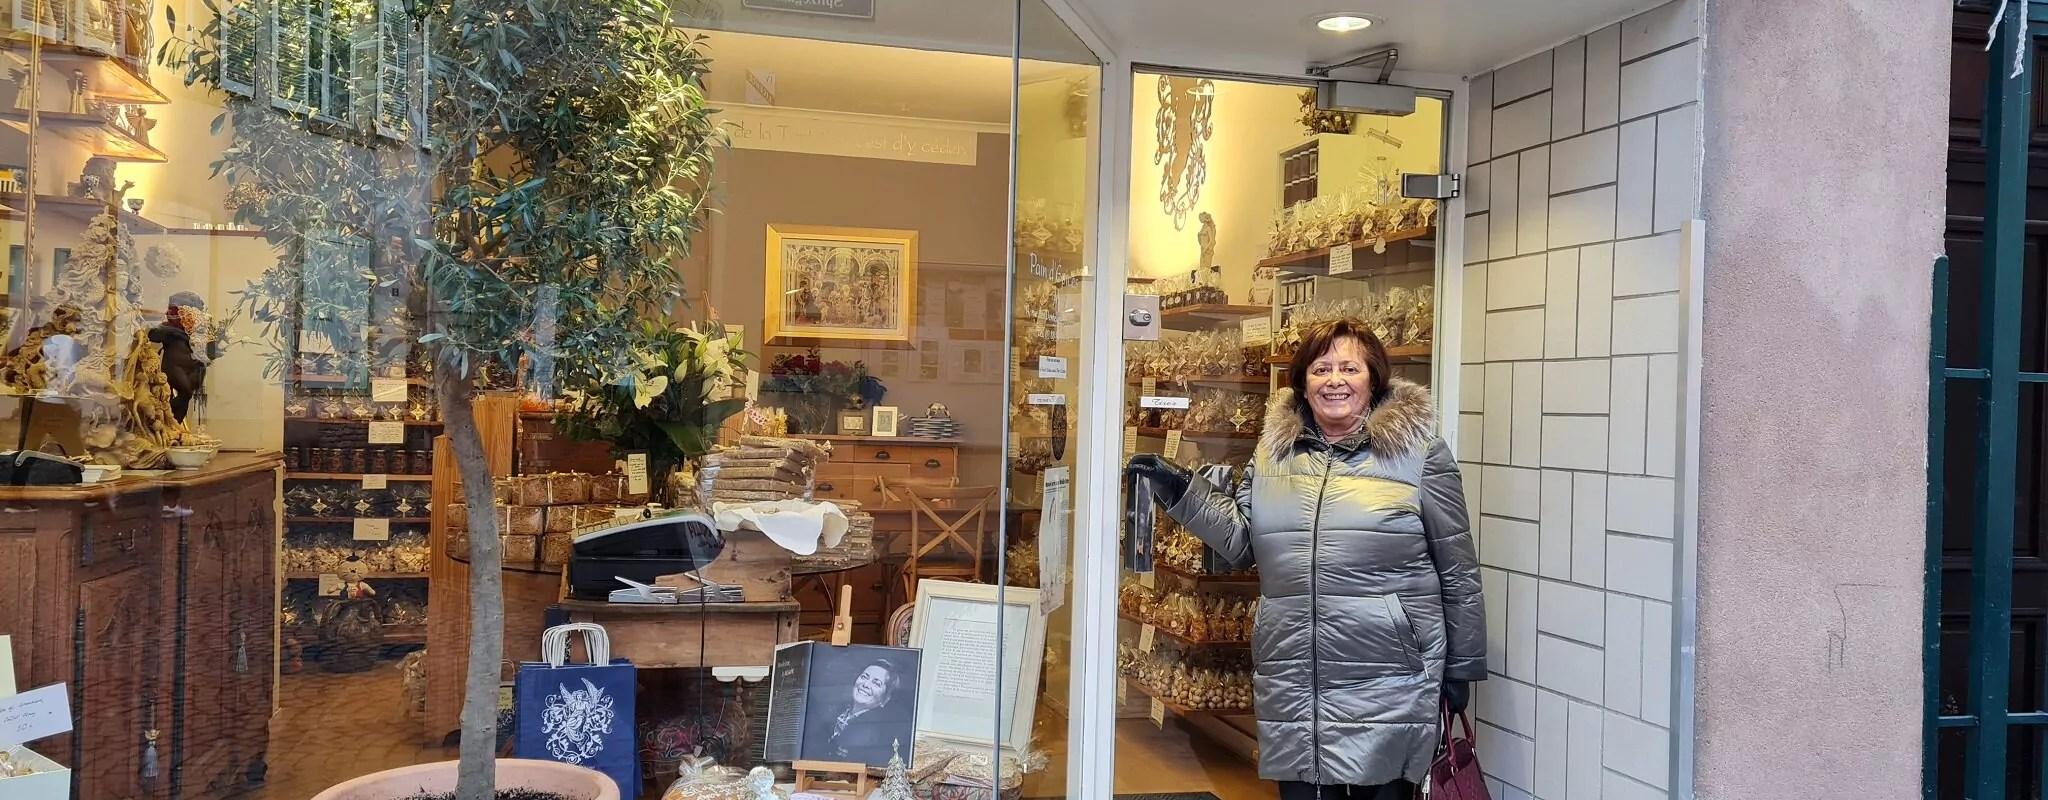 Mireille Oster, plus de 50 ans à la Petite-France: «C'était un quartier populaire, plein de vie»